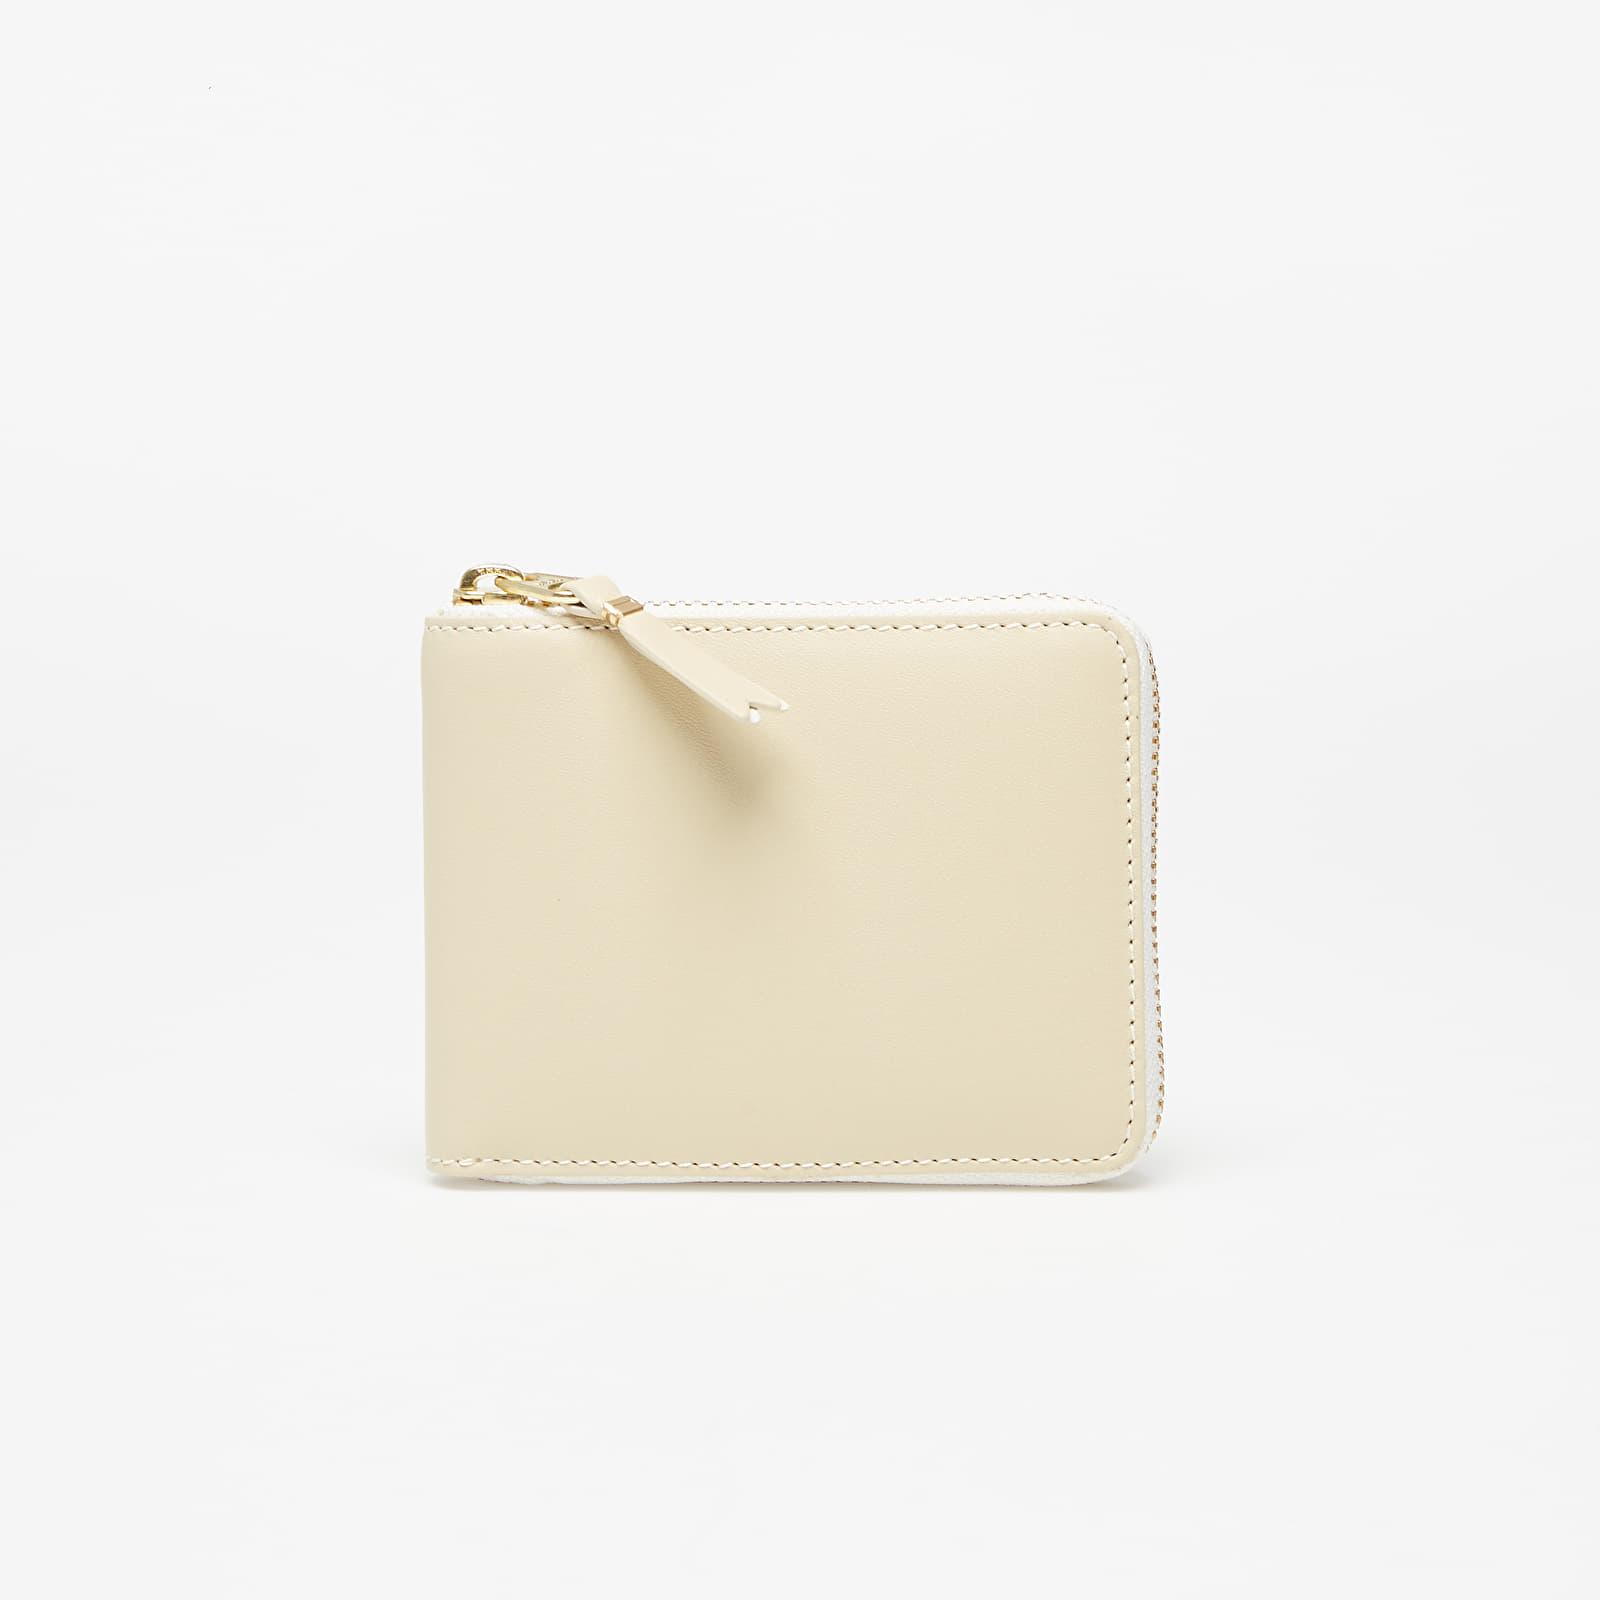 Portafogli Comme des Garçons Wallet Classic Leather Wallet White